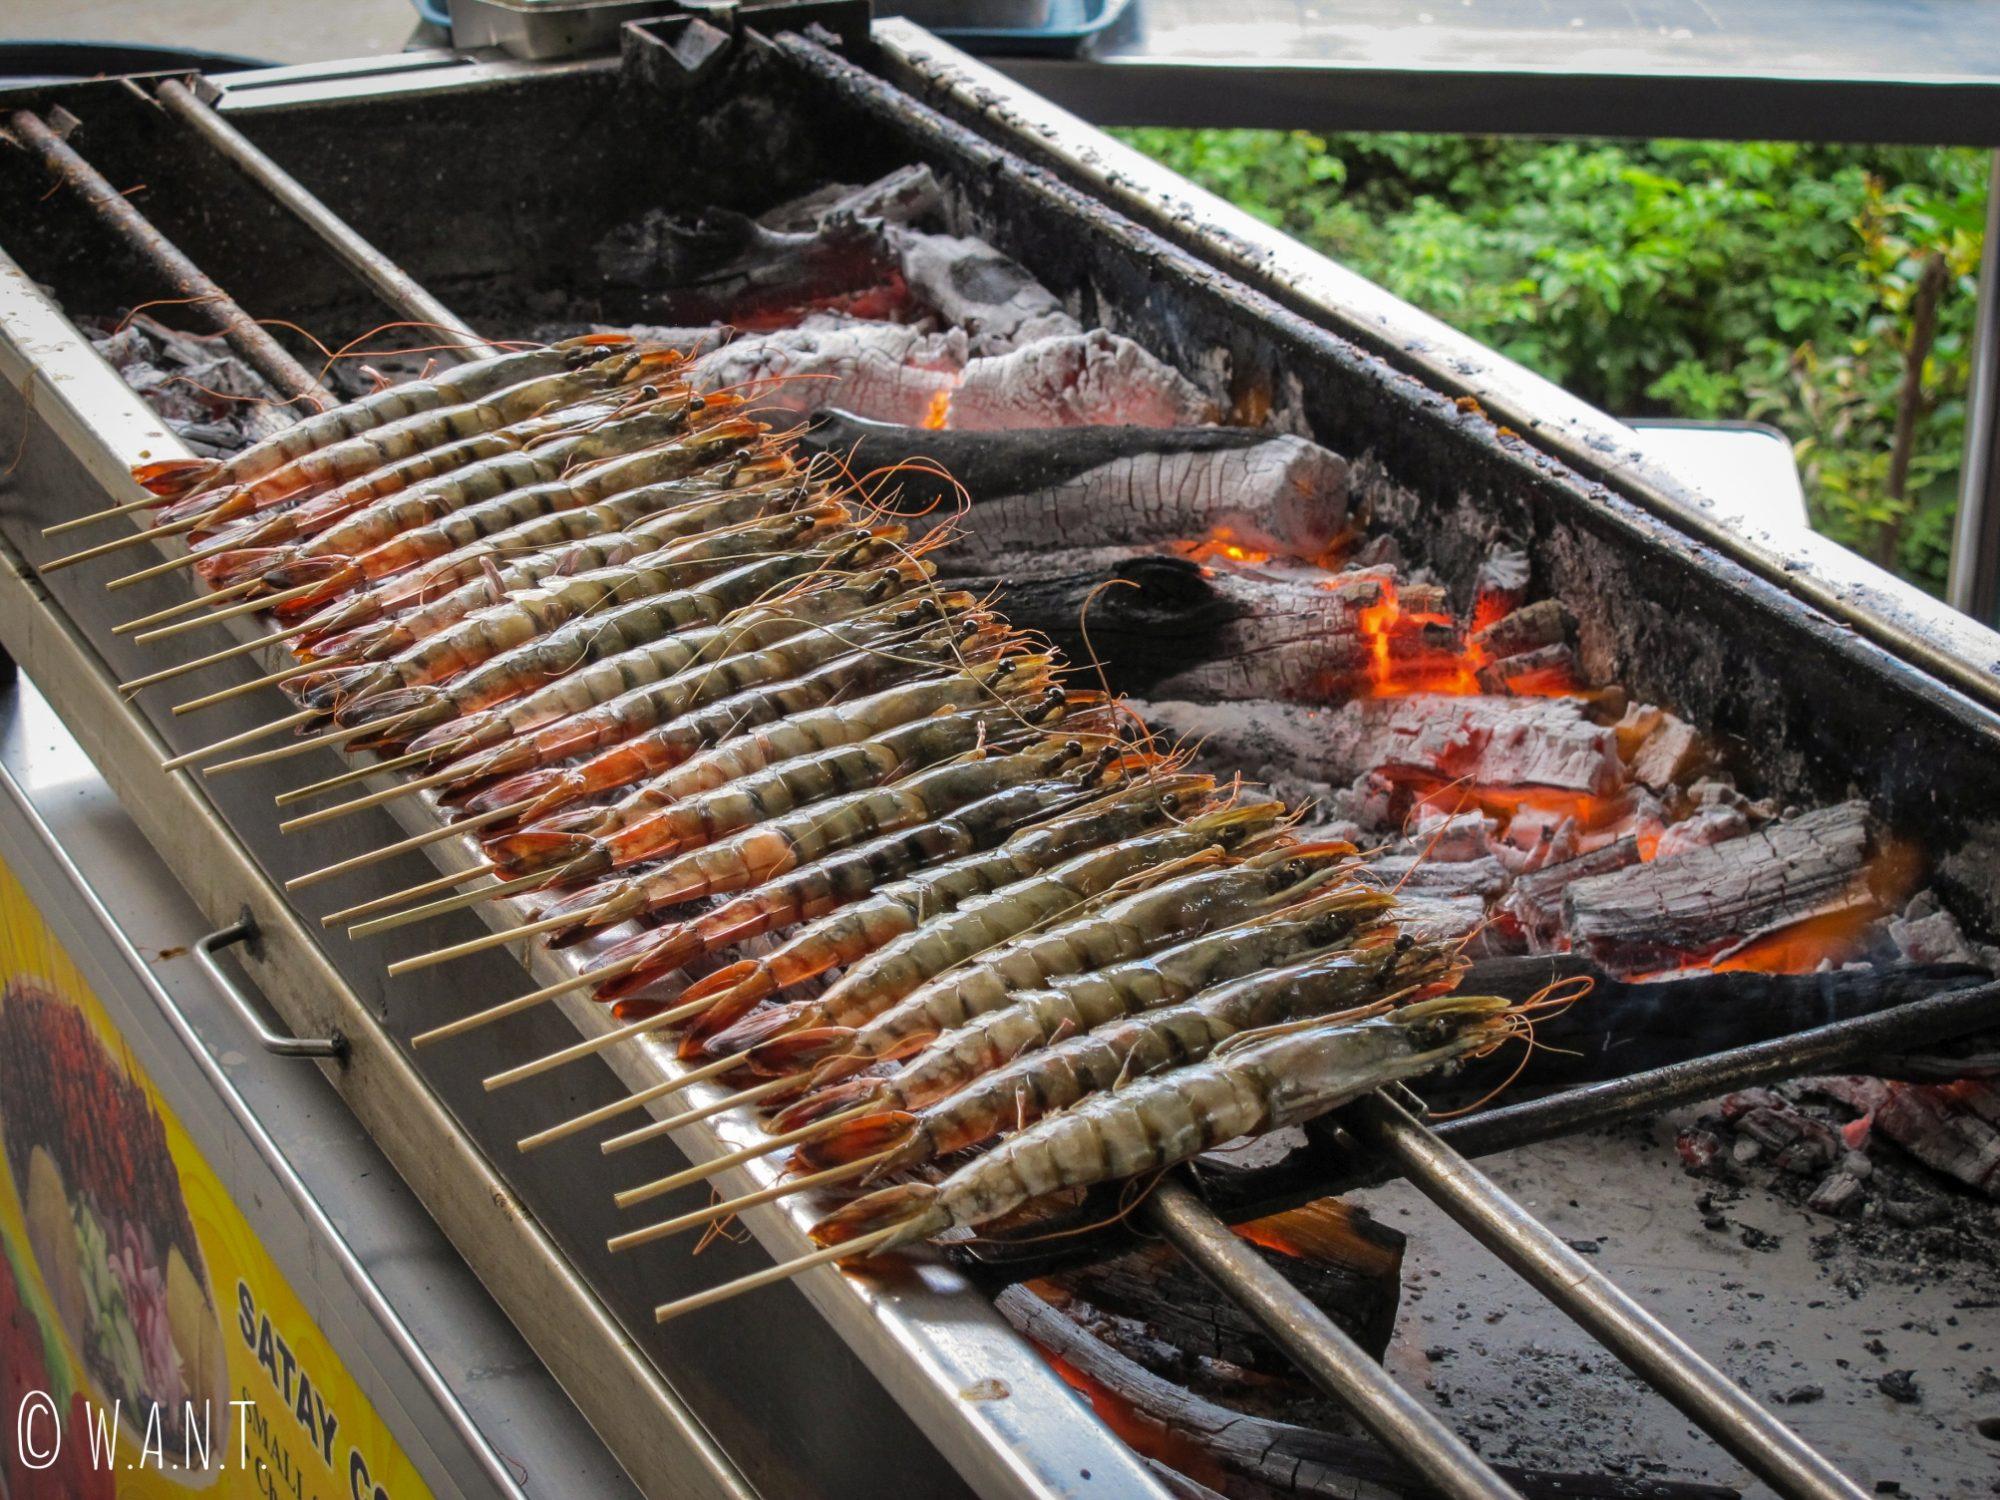 Les brochettes sont la spécialité du food court Satay by the bay de Singapour